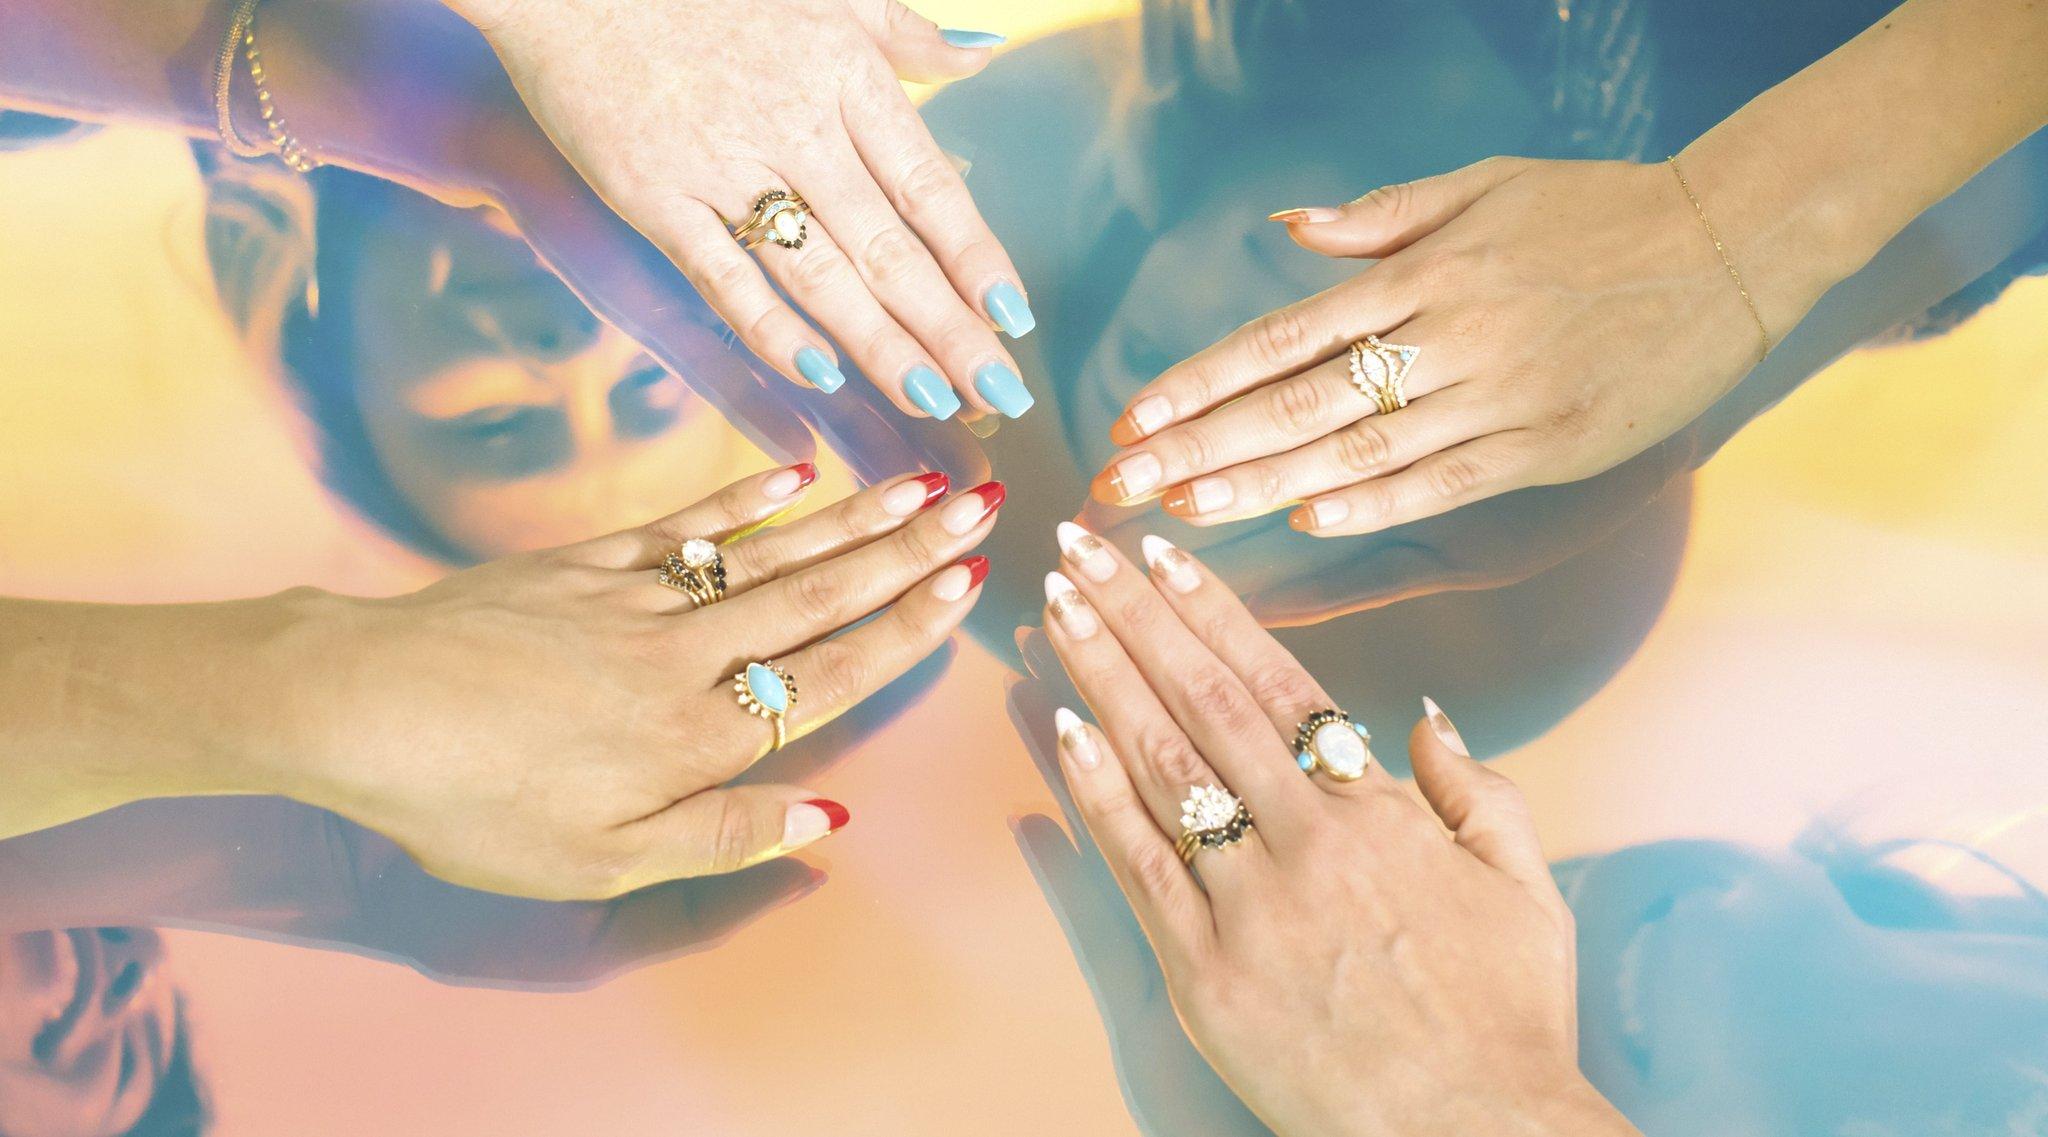 Marrow Fine - Shop Bespoke Fine Jewelry